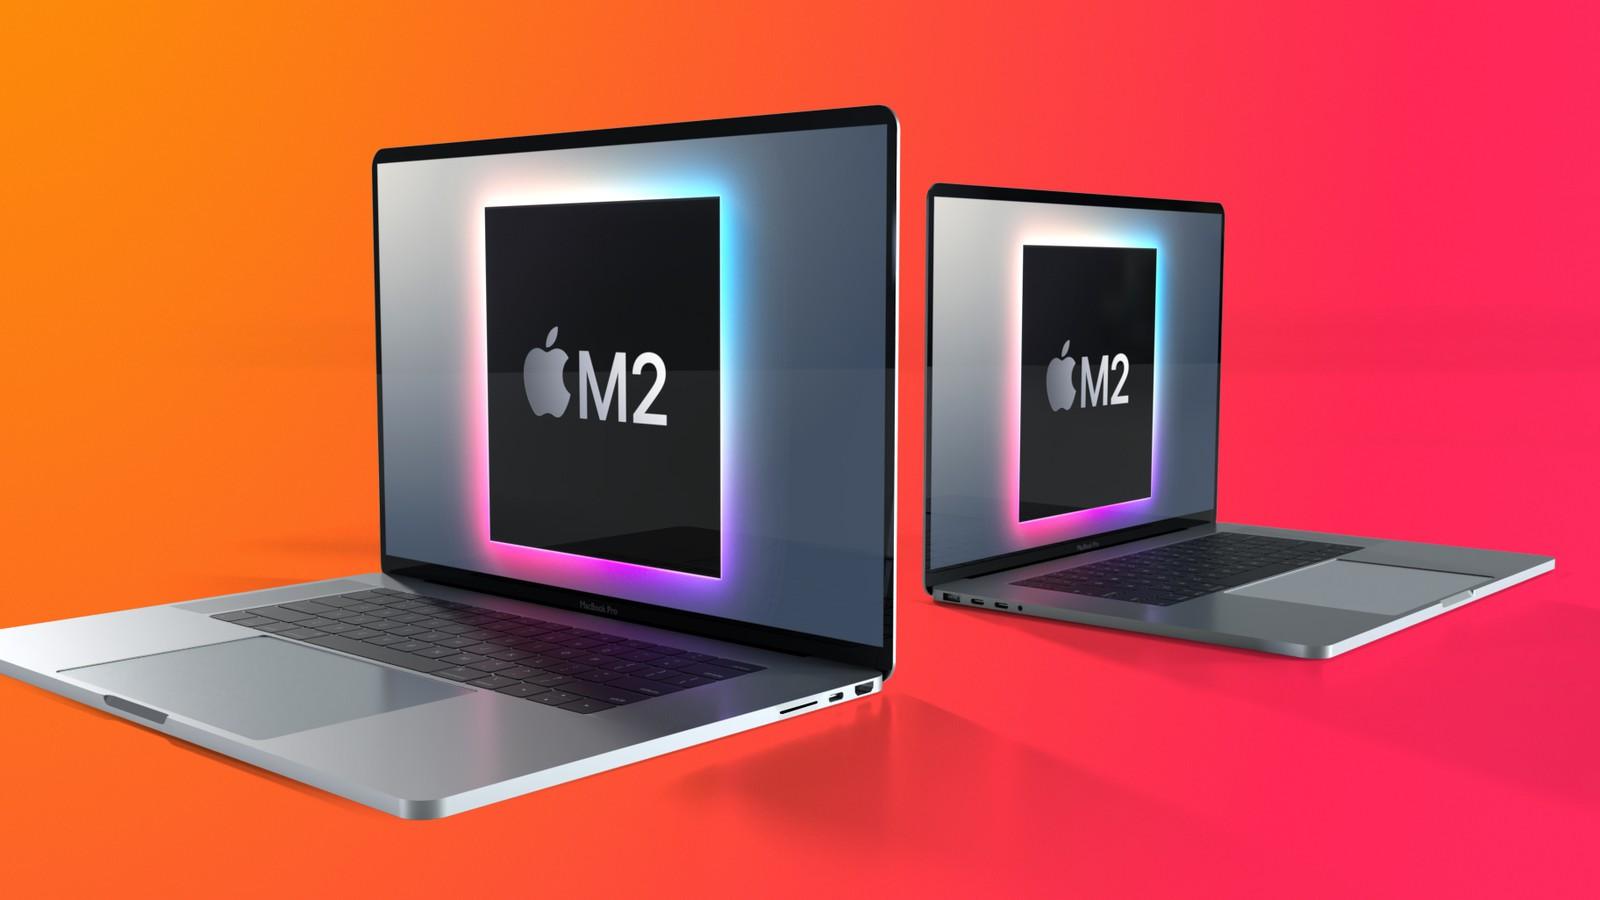 疑似全新16英寸 MacBook Pro 出现在监管数据库中